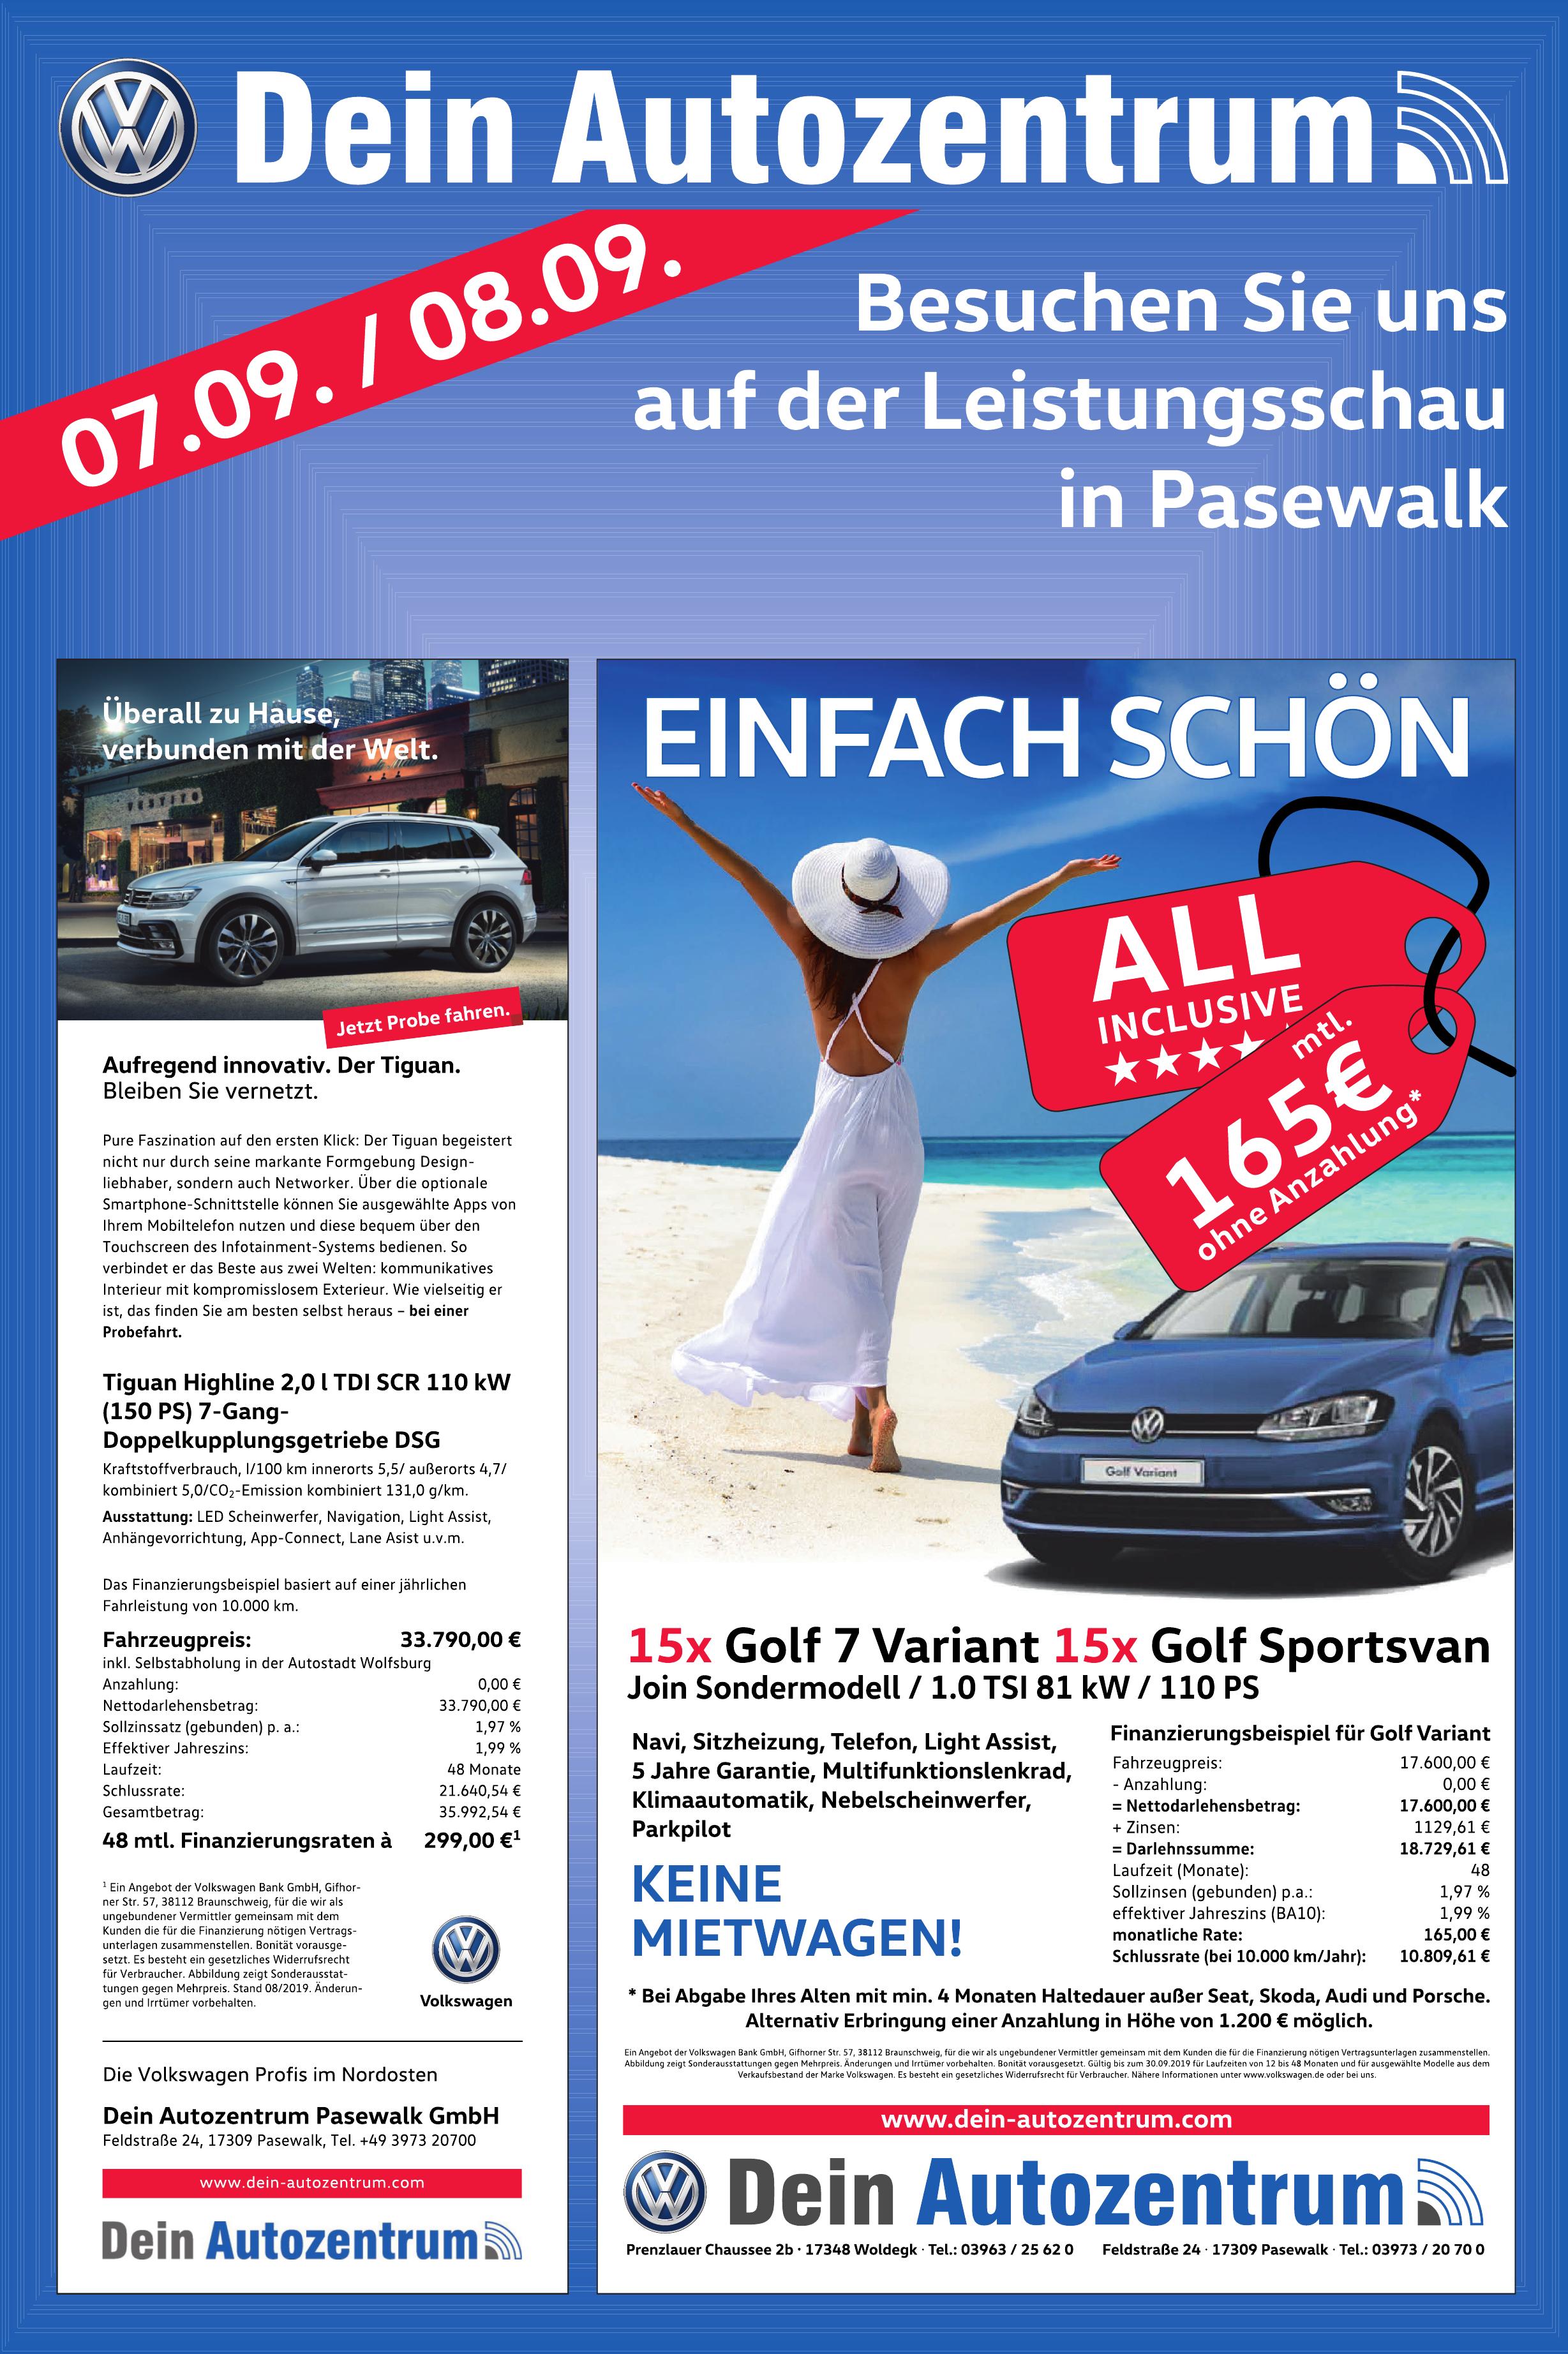 Dein Autozentrum Pasewalk GmbH